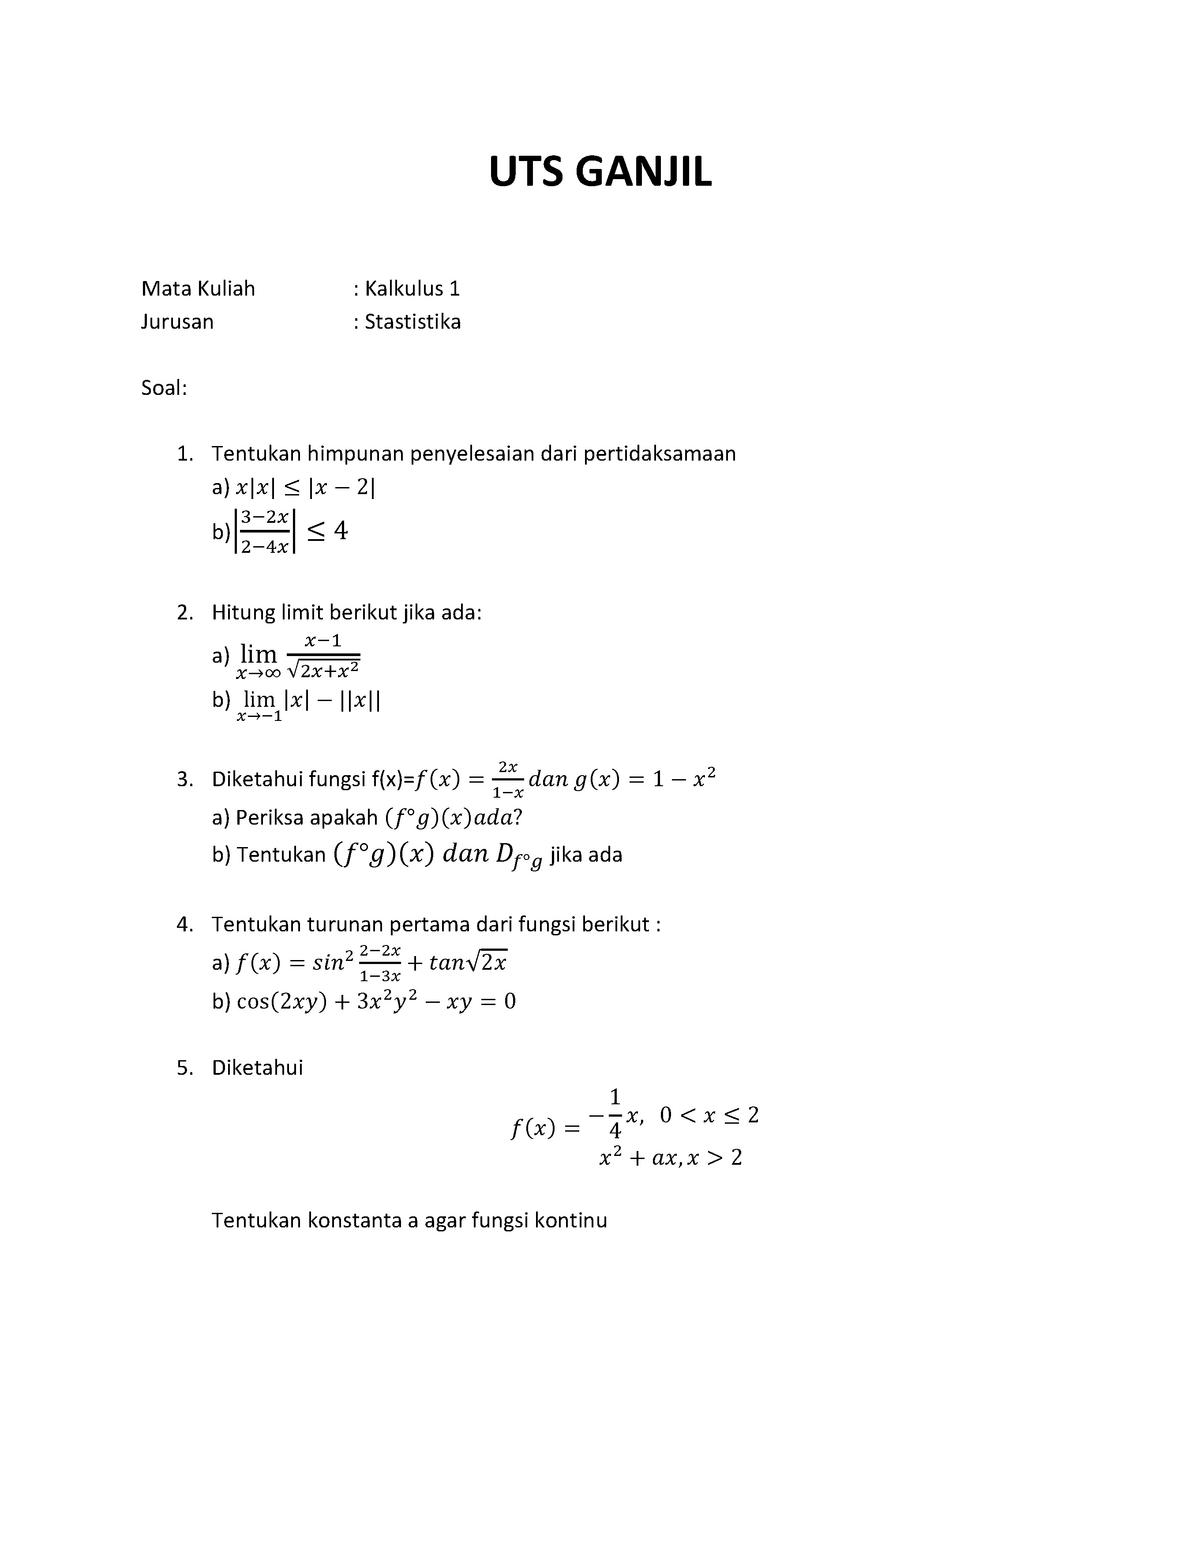 Uts Ganjil Kalkulus 1 D10a 1201 Studocu